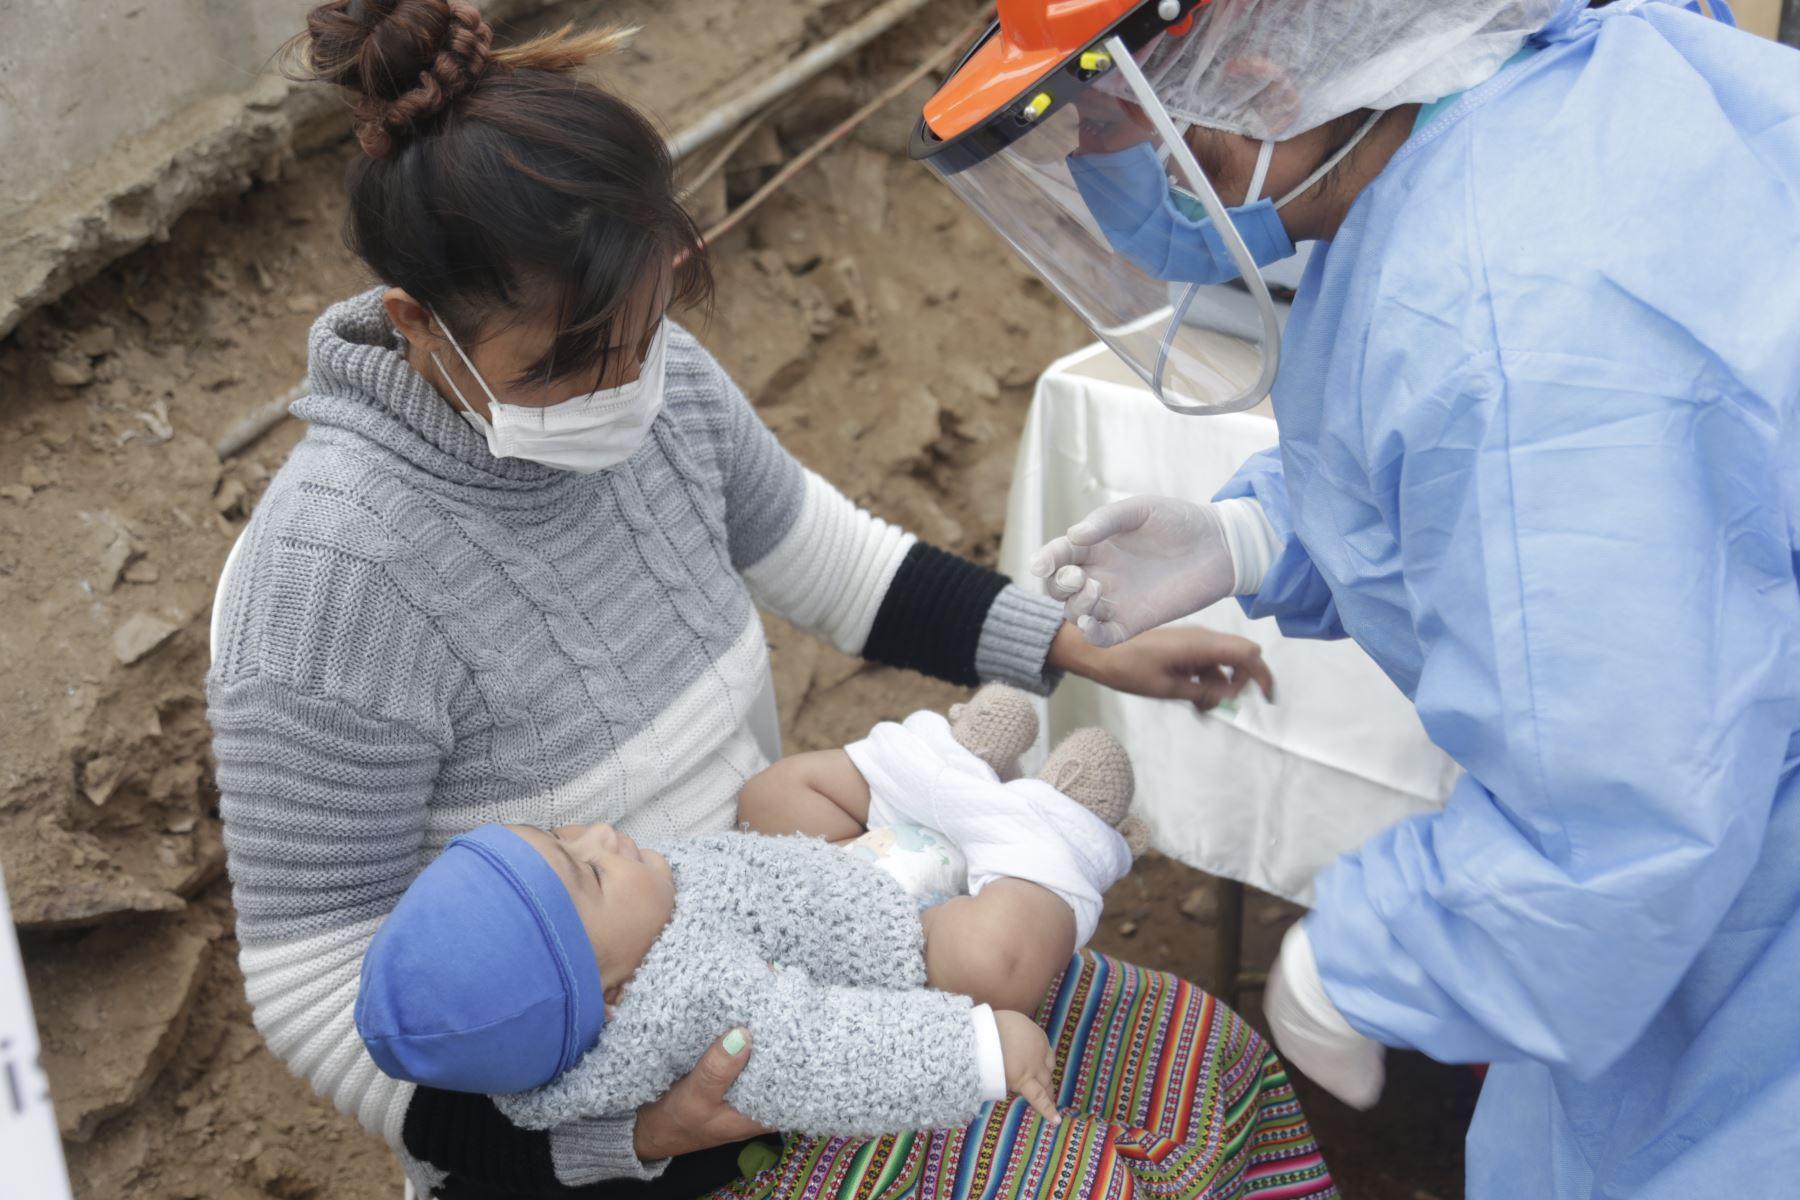 Interesados pueden reservar una cita en establecimiento de salud más cercano para evitar aglomeraciones. Foto: ANDINA/Difusión